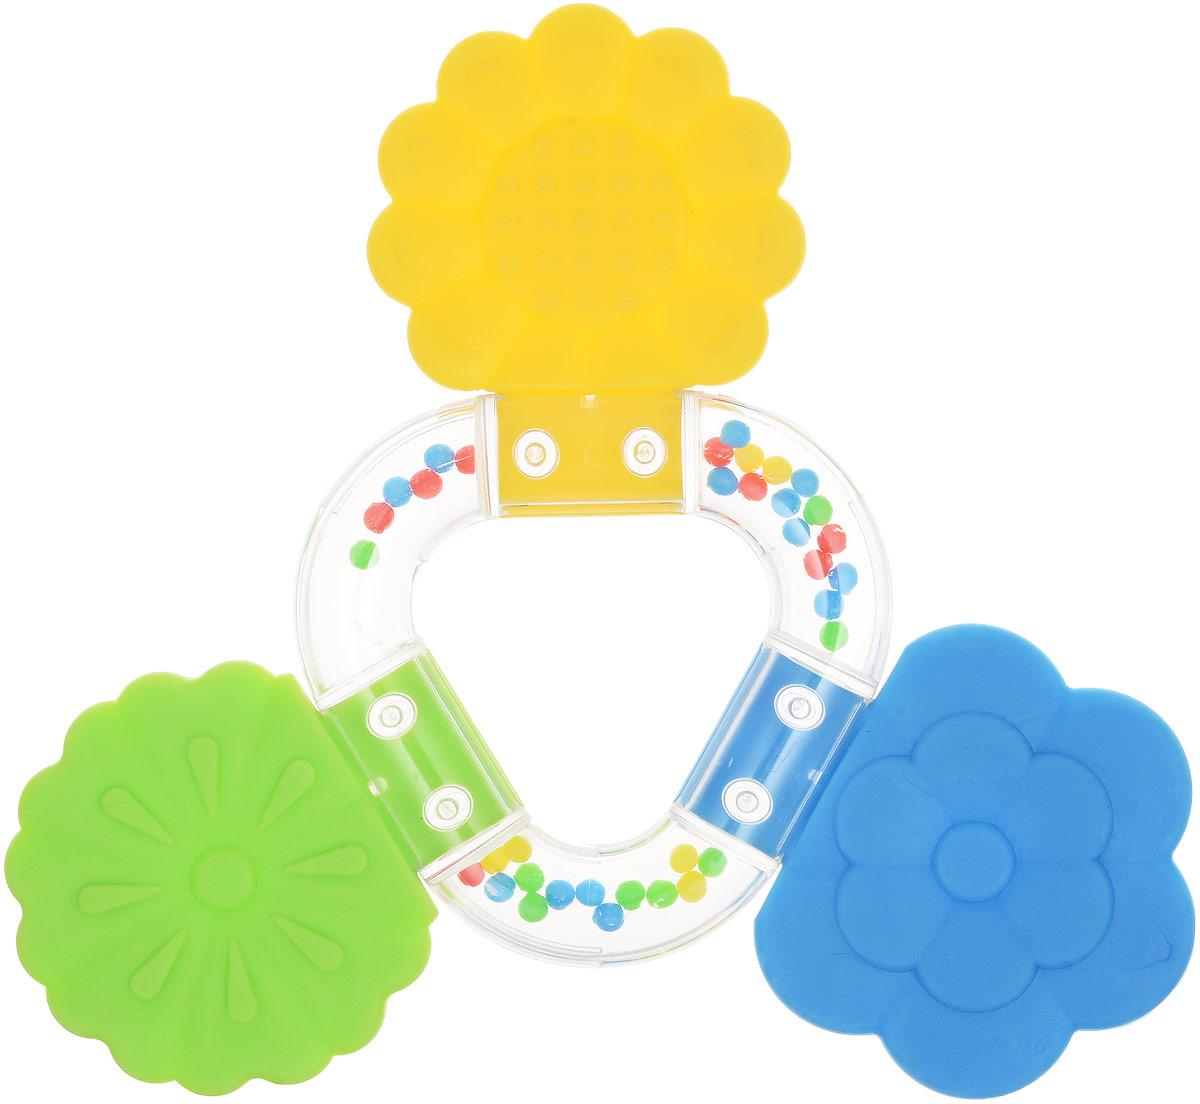 Stellar Прорезыватель Букетик4607038277389Погремушка - прорезыватель Букетик сделана из полистирола. Яркая игрушка издает приятный шелест и ее можно погрызть. Кроха сможет научиться различать цвета, а если у него начнут резаться зубки, он может погрызть эти красивые цветочки.